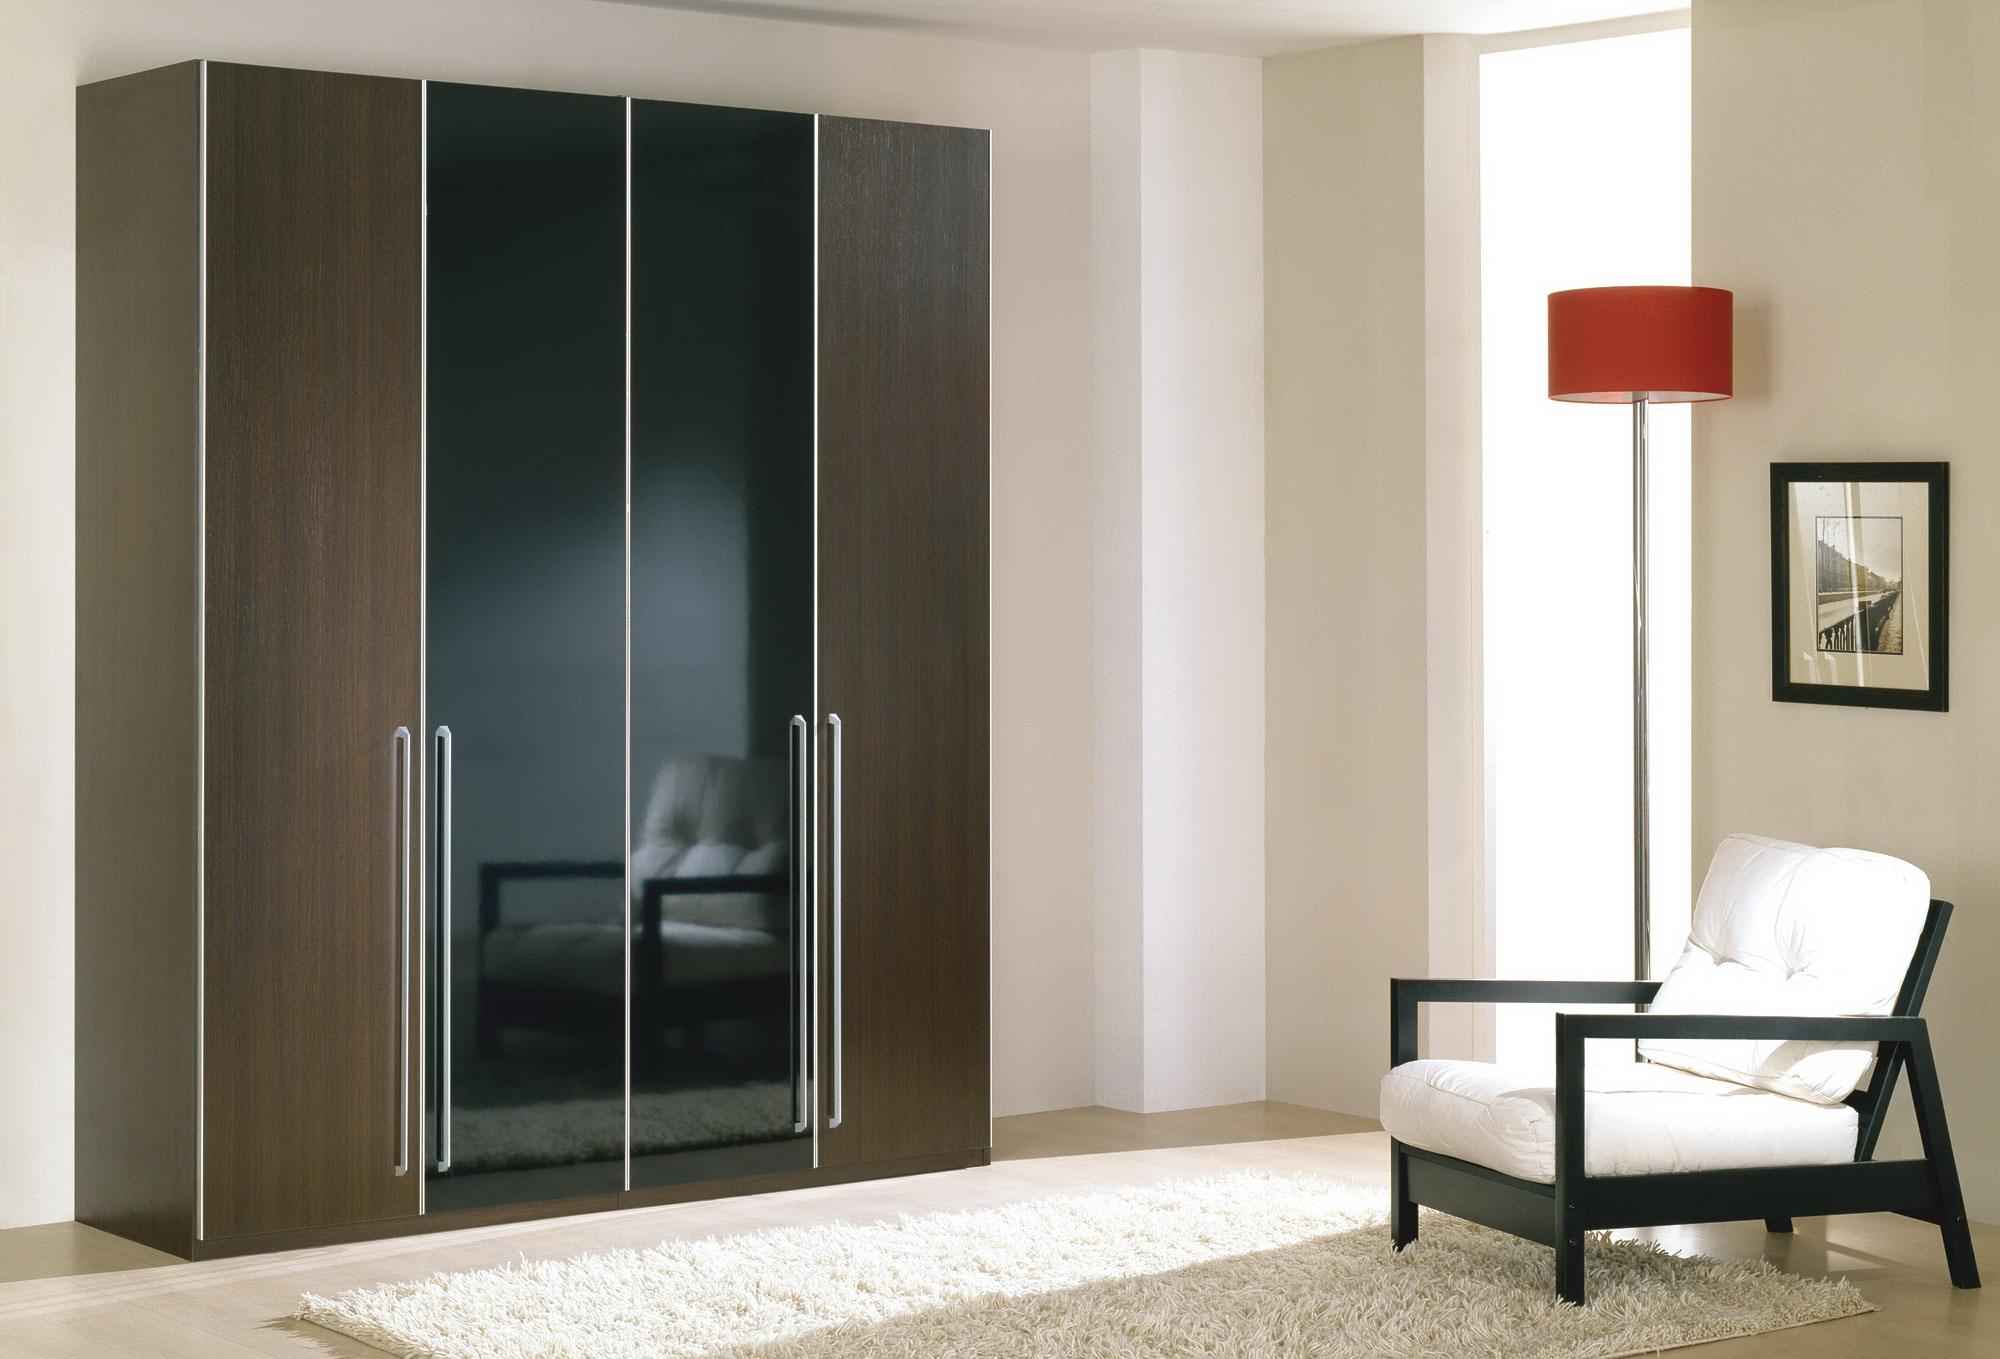 armoire à charnière de style moderne